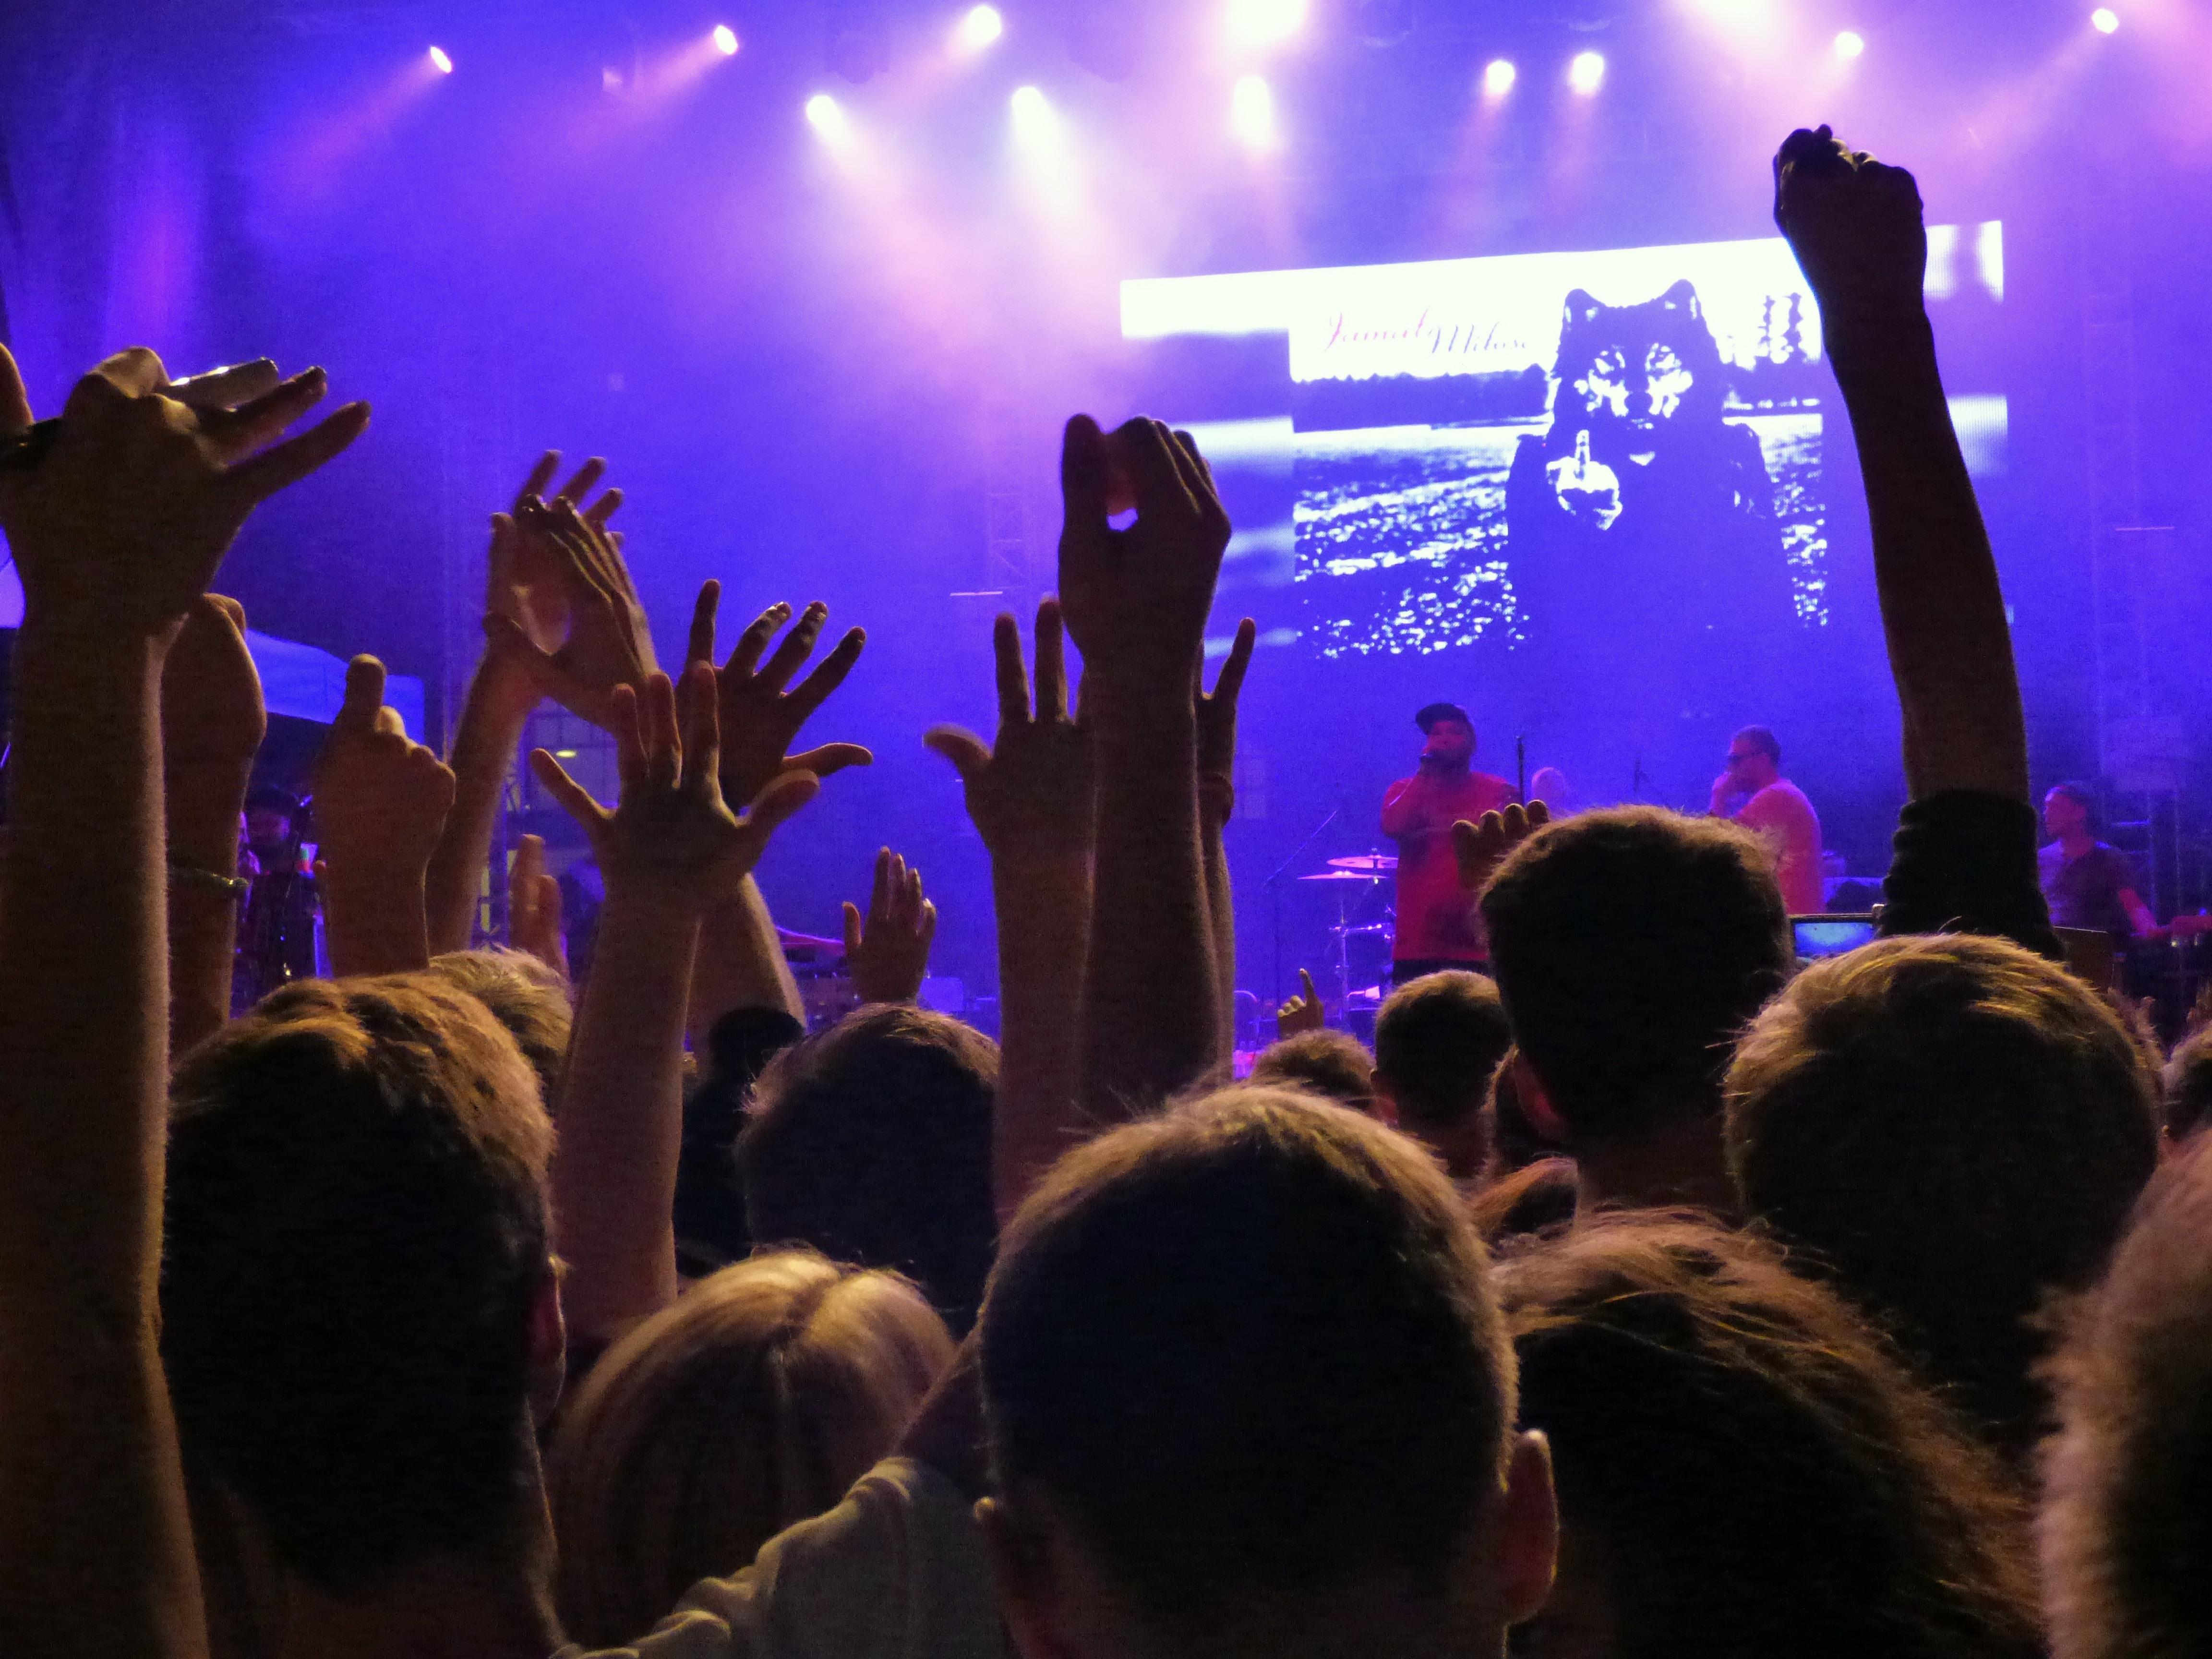 Звуки толпы на концерте скачать